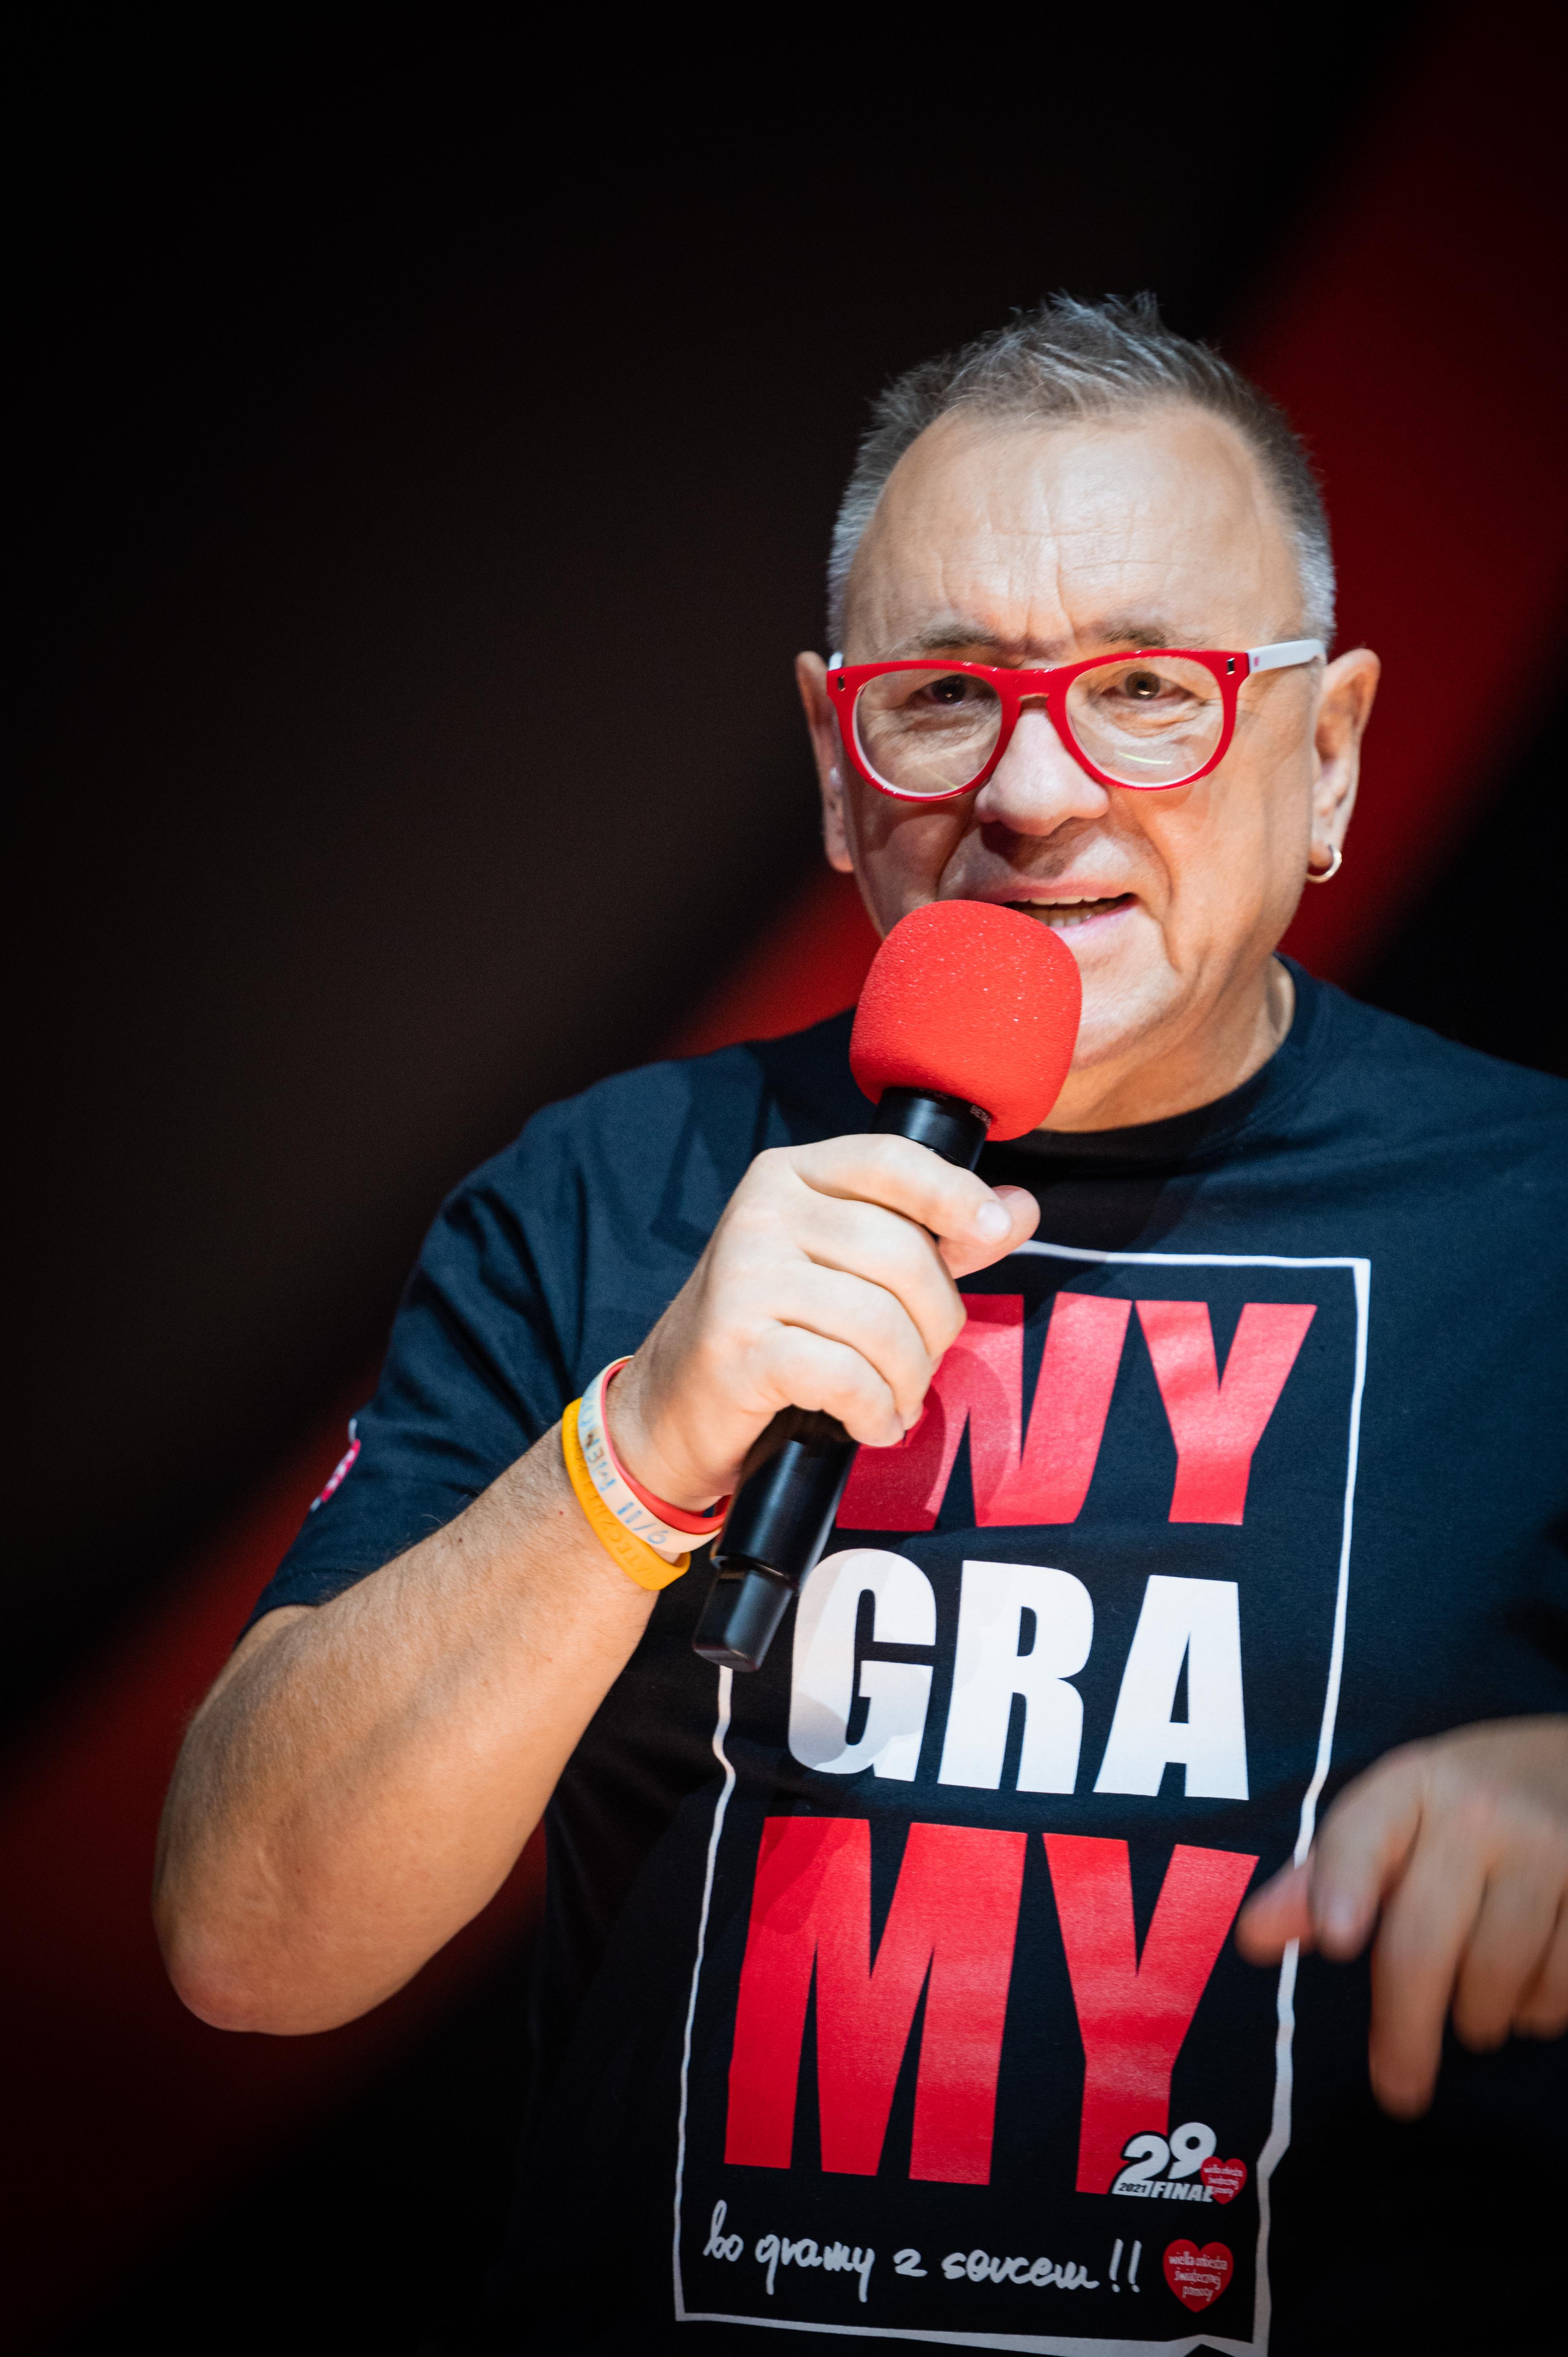 fot. Marcin Michoń